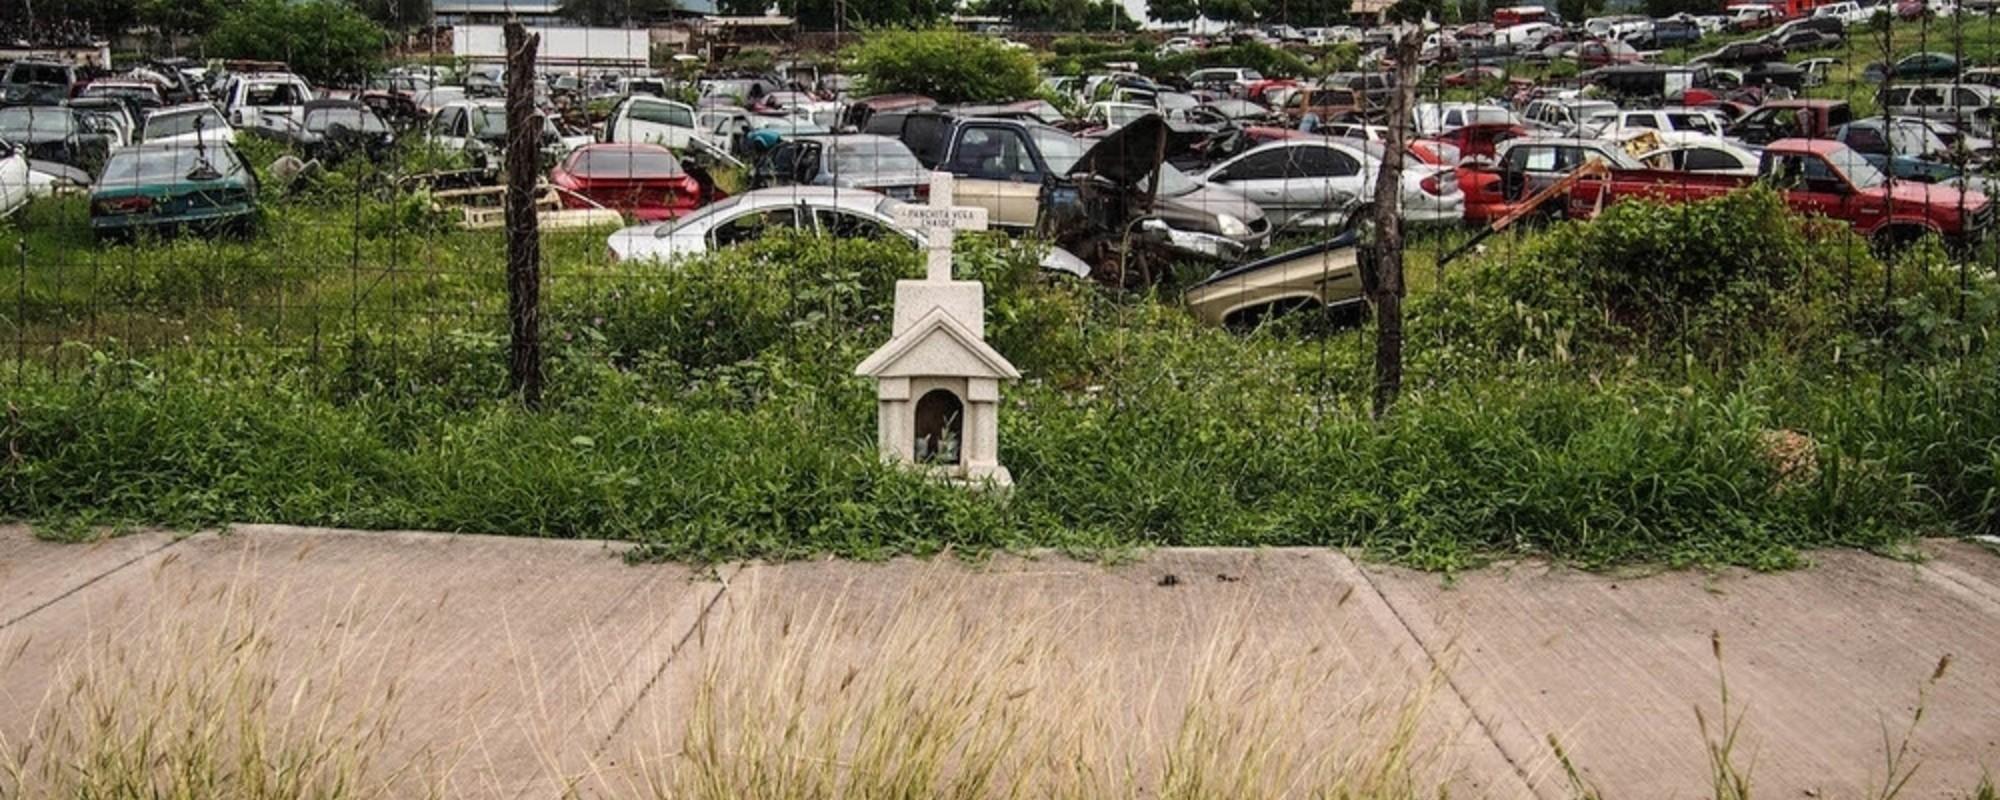 Fotos de las cruces en Culiacán